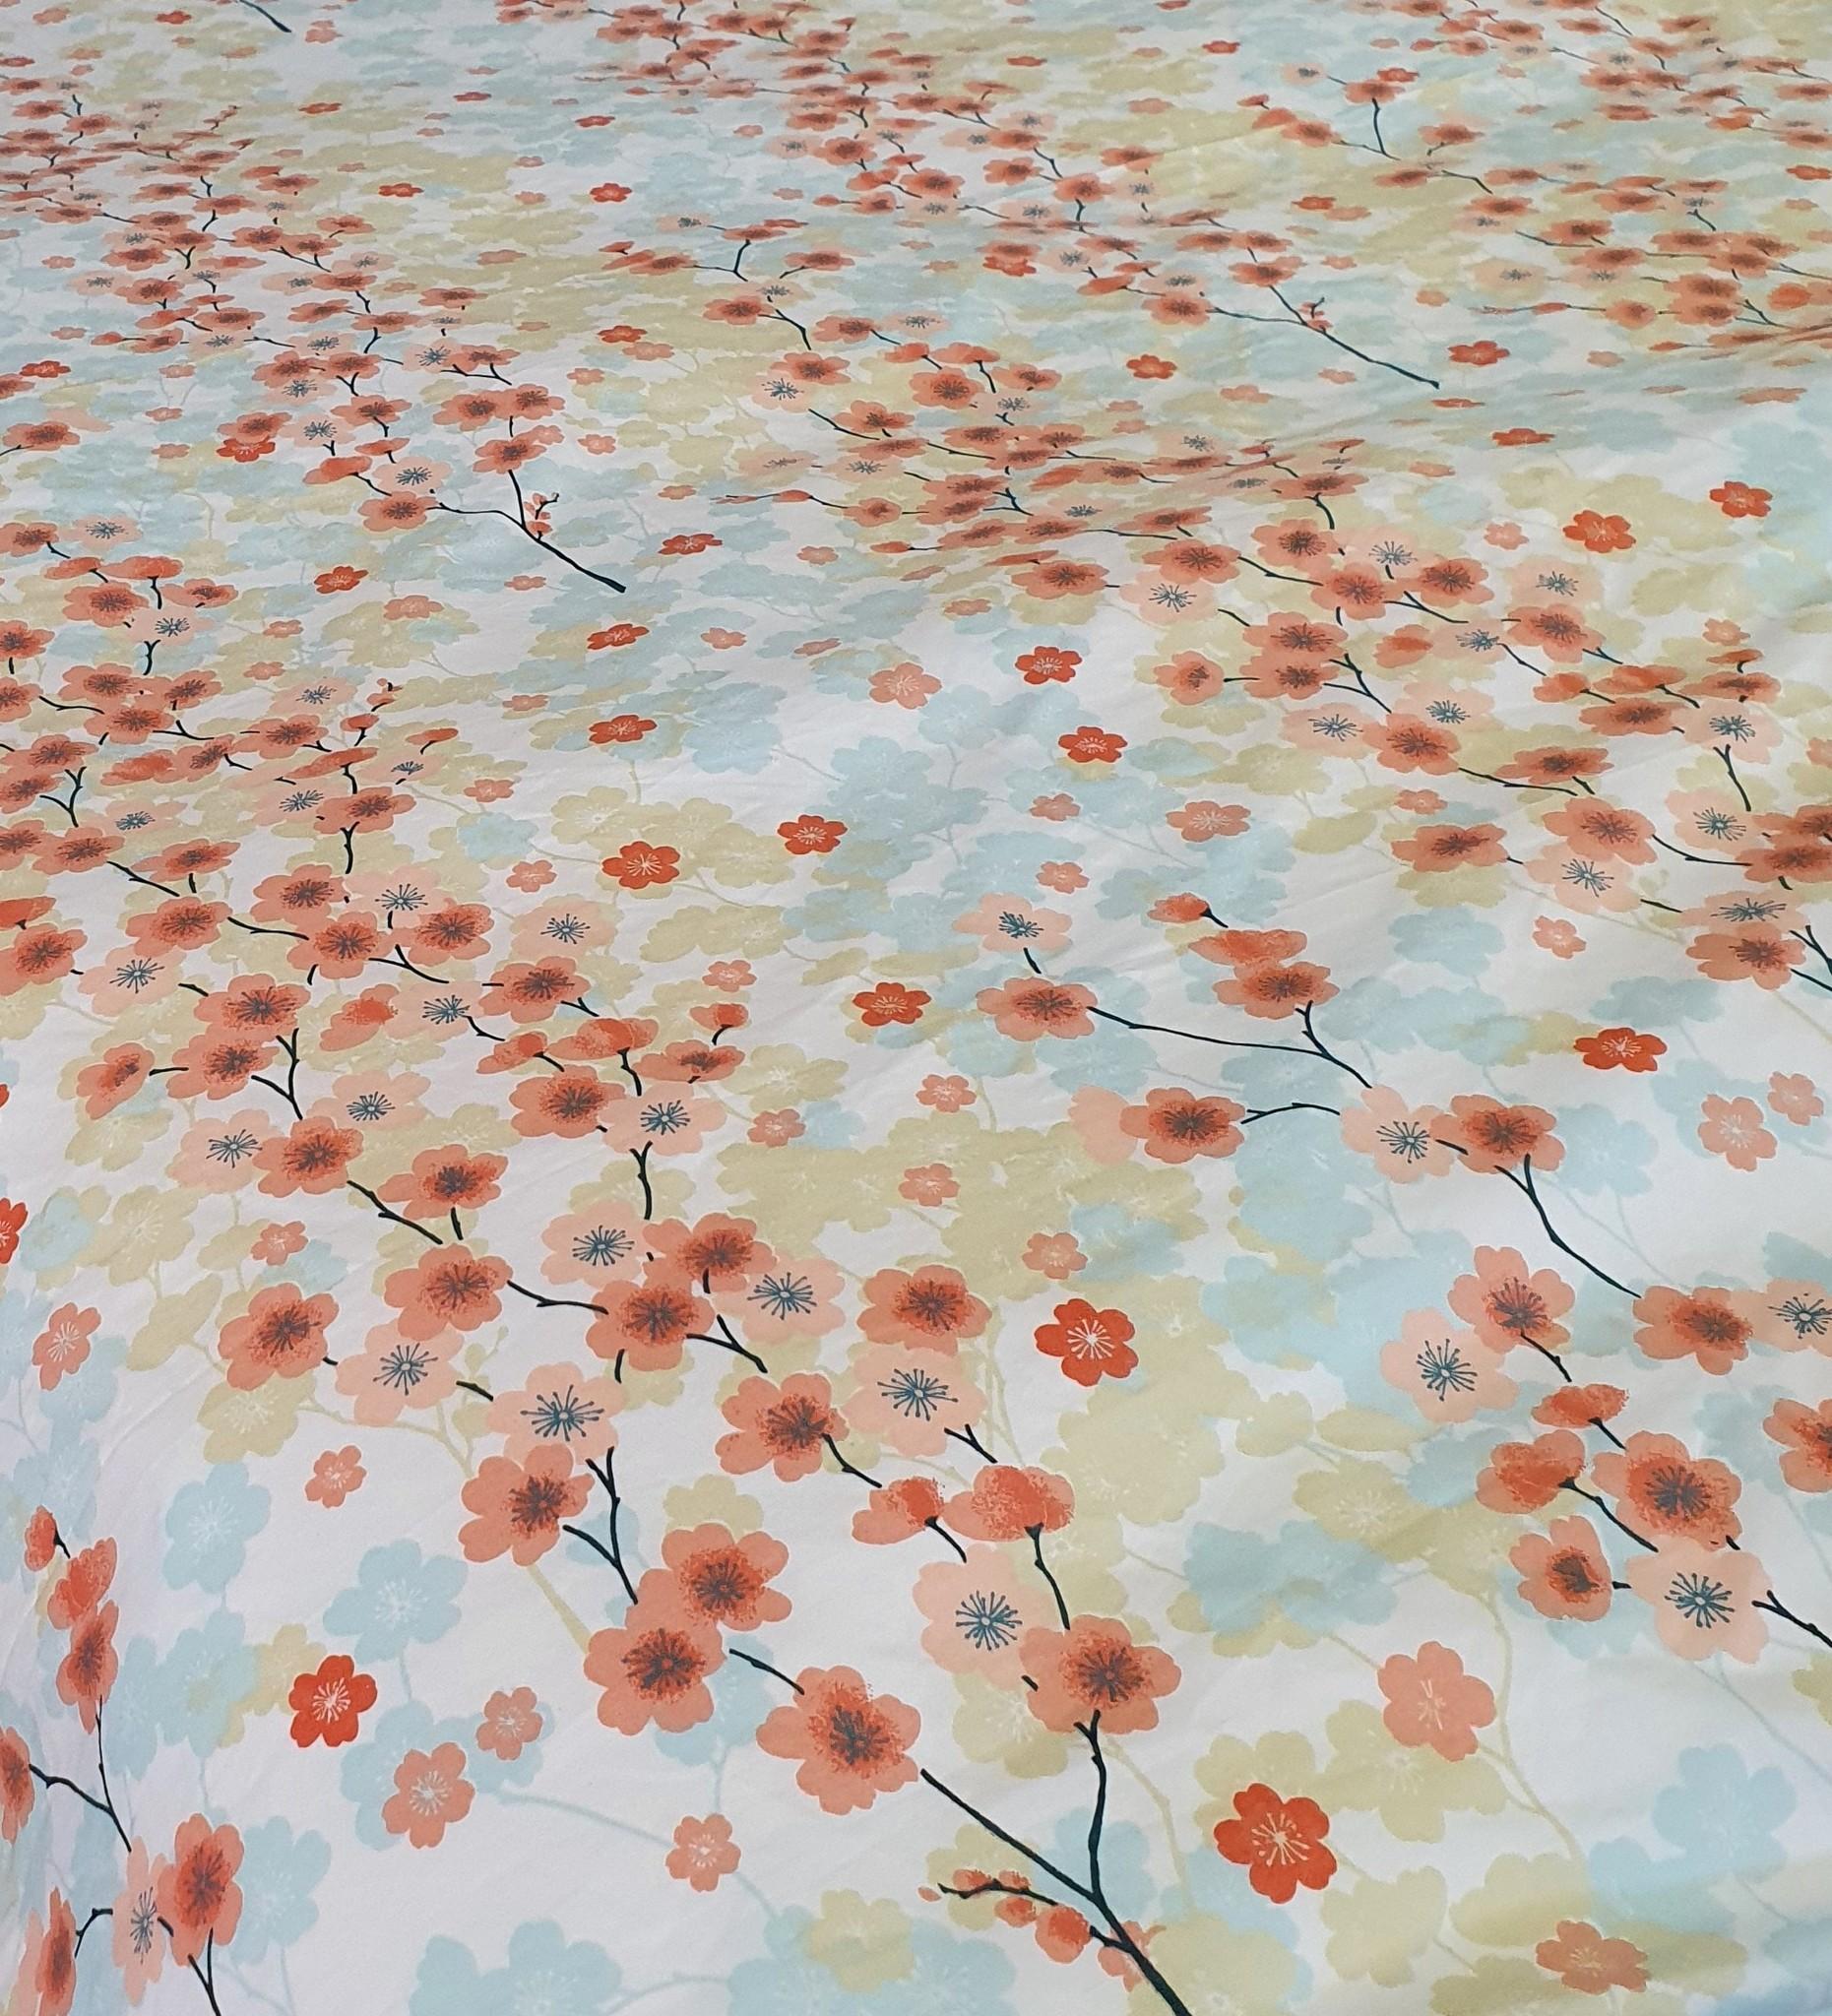 Sofiben Budgetline Sofiben dekbedovertrek met rits Cherry Blossom  katoenmenging 70% katoen / 30% polyester, 240x220 met 2 kussenslopen